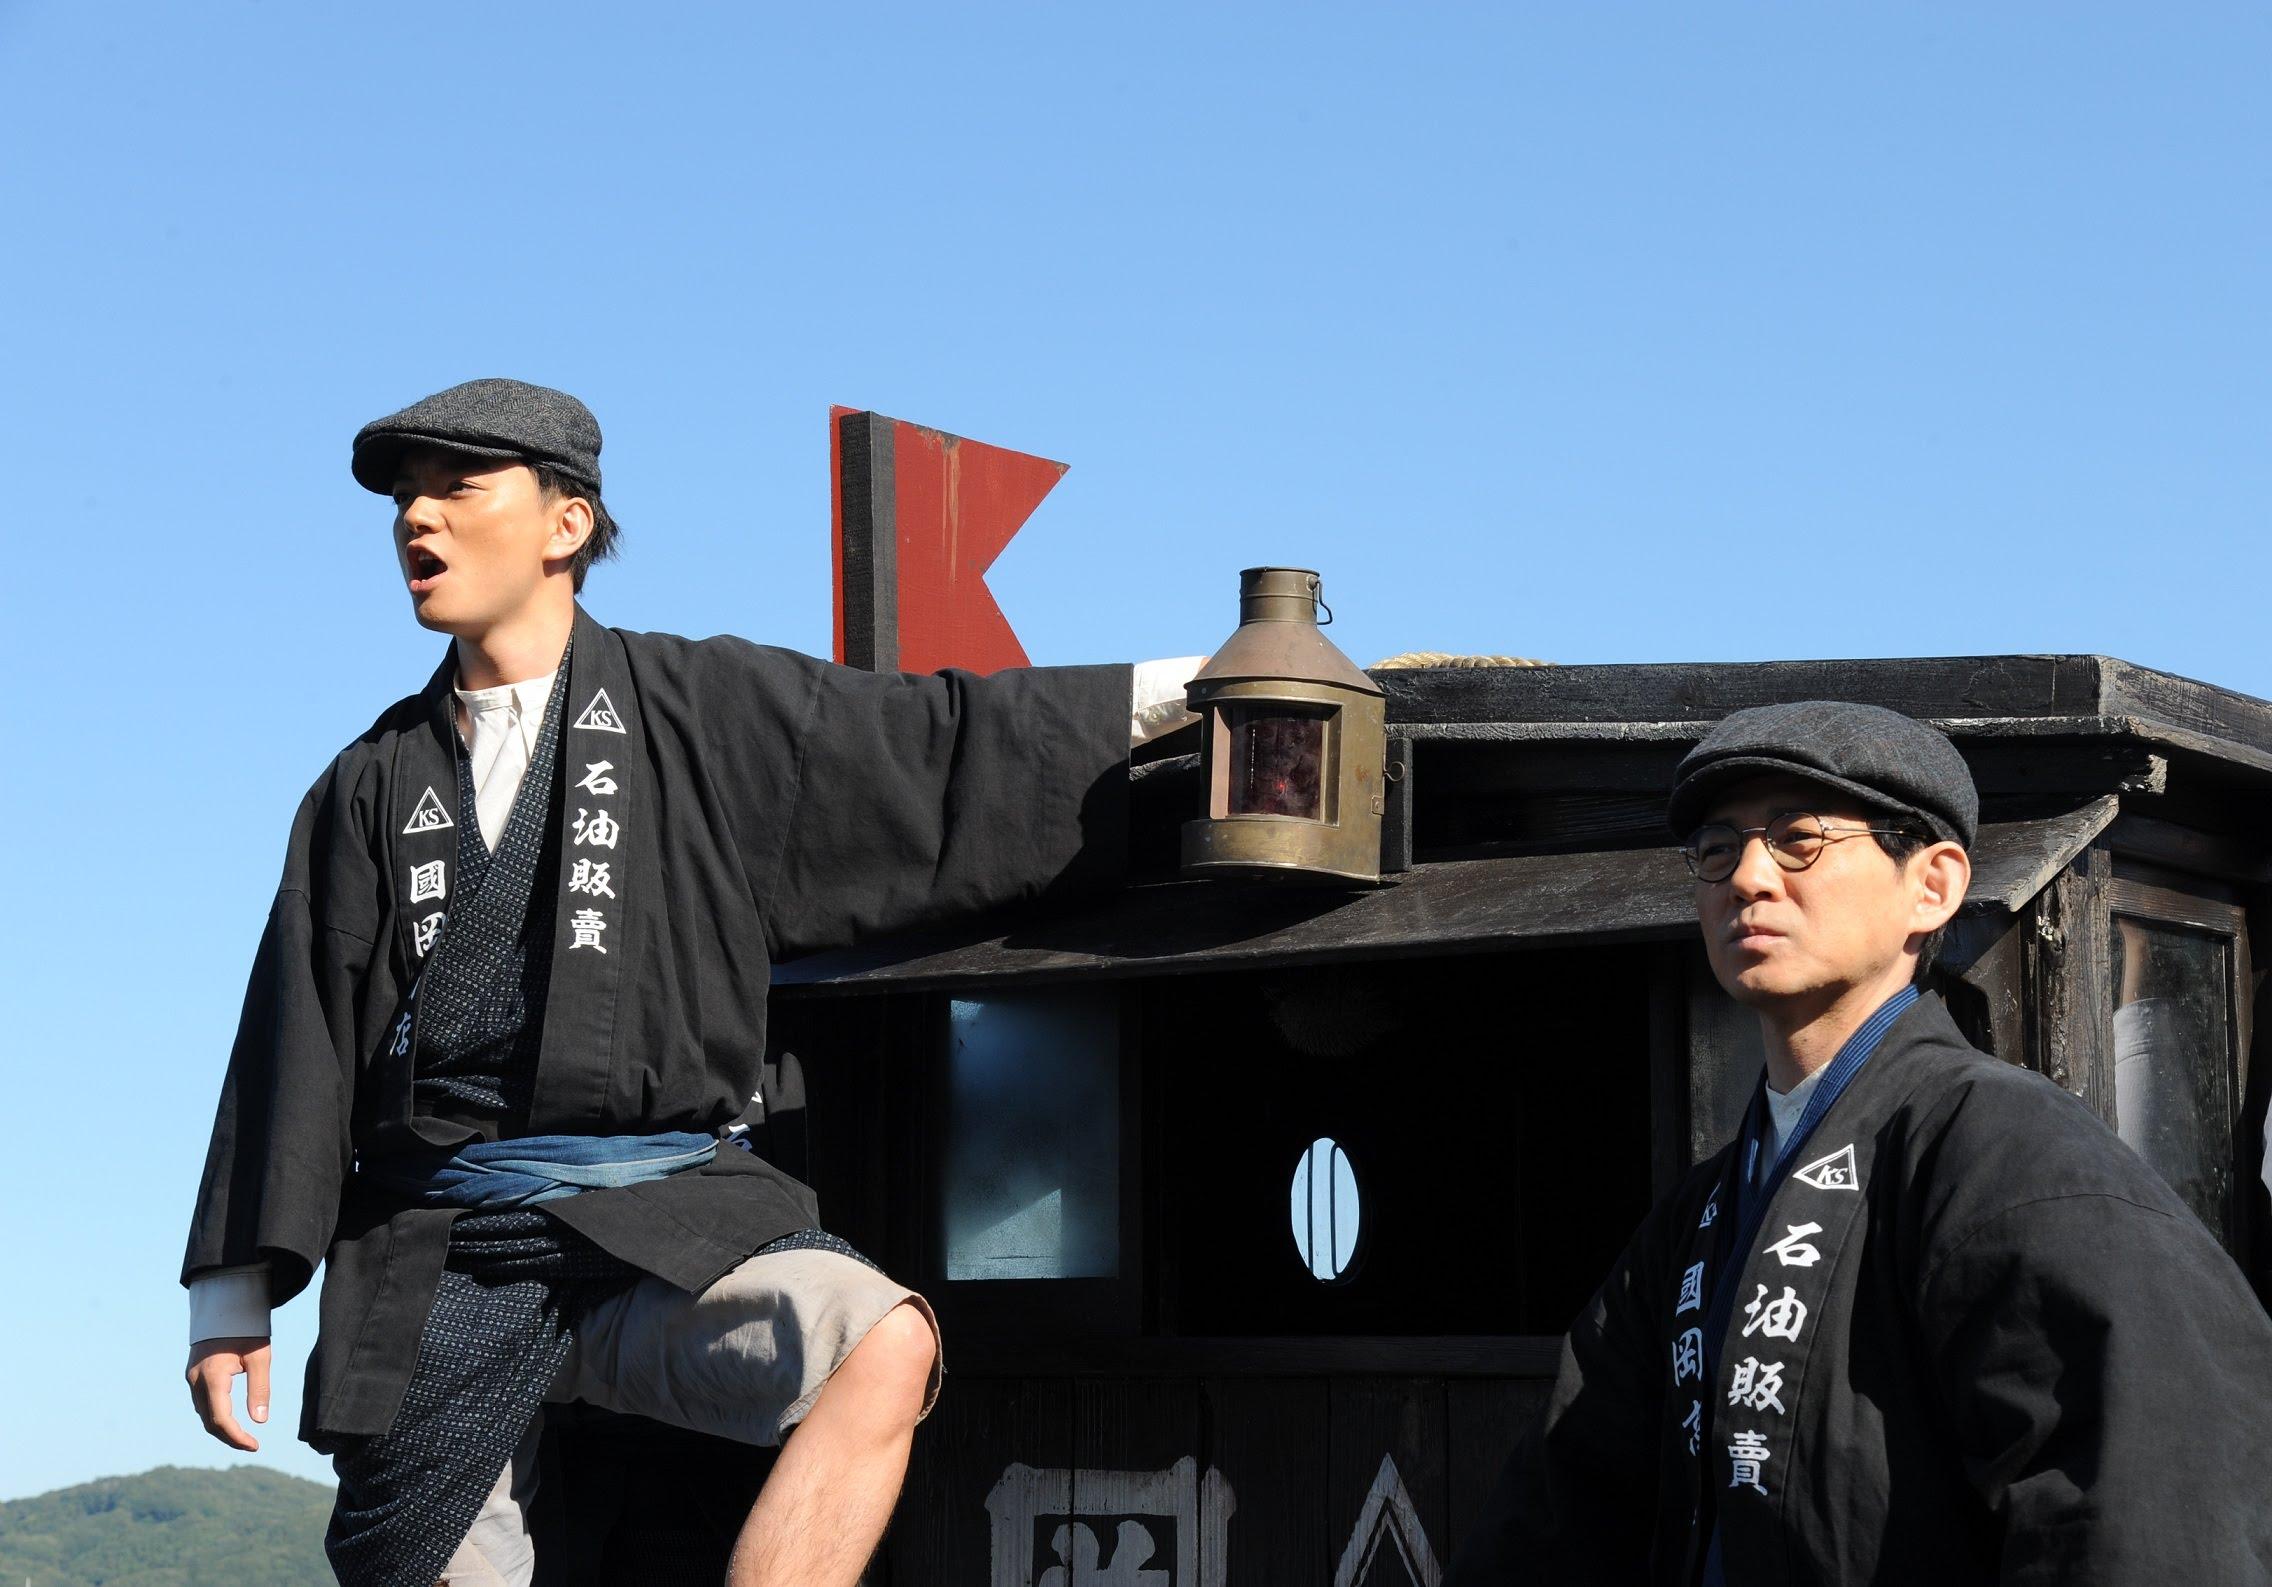 海賊と呼ばれた男(映画)のあらすじやモデル、書評・感想まとめ!のサムネイル画像